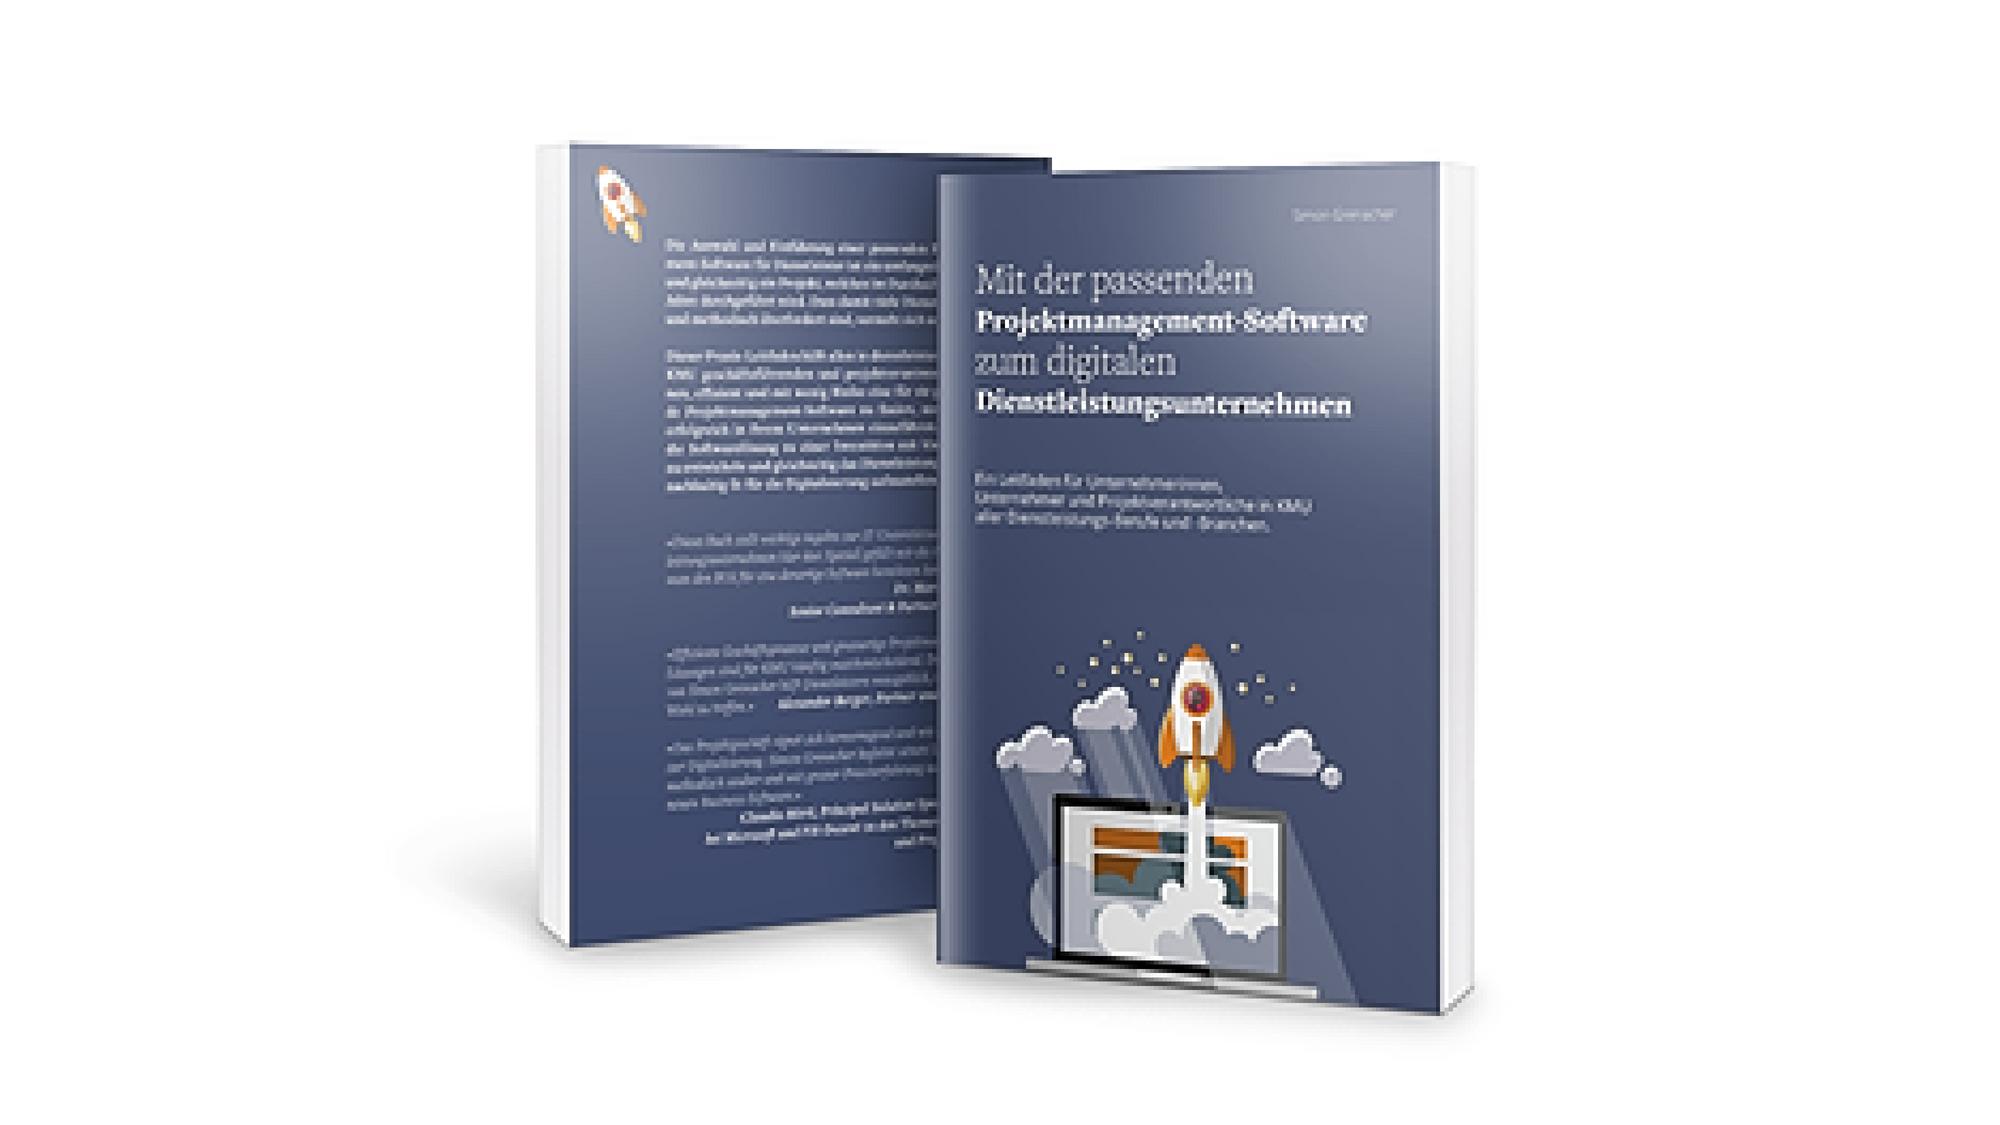 Mit der passenden Projektmanagement-Software zum digitalen Dienstleistungsunternehmen